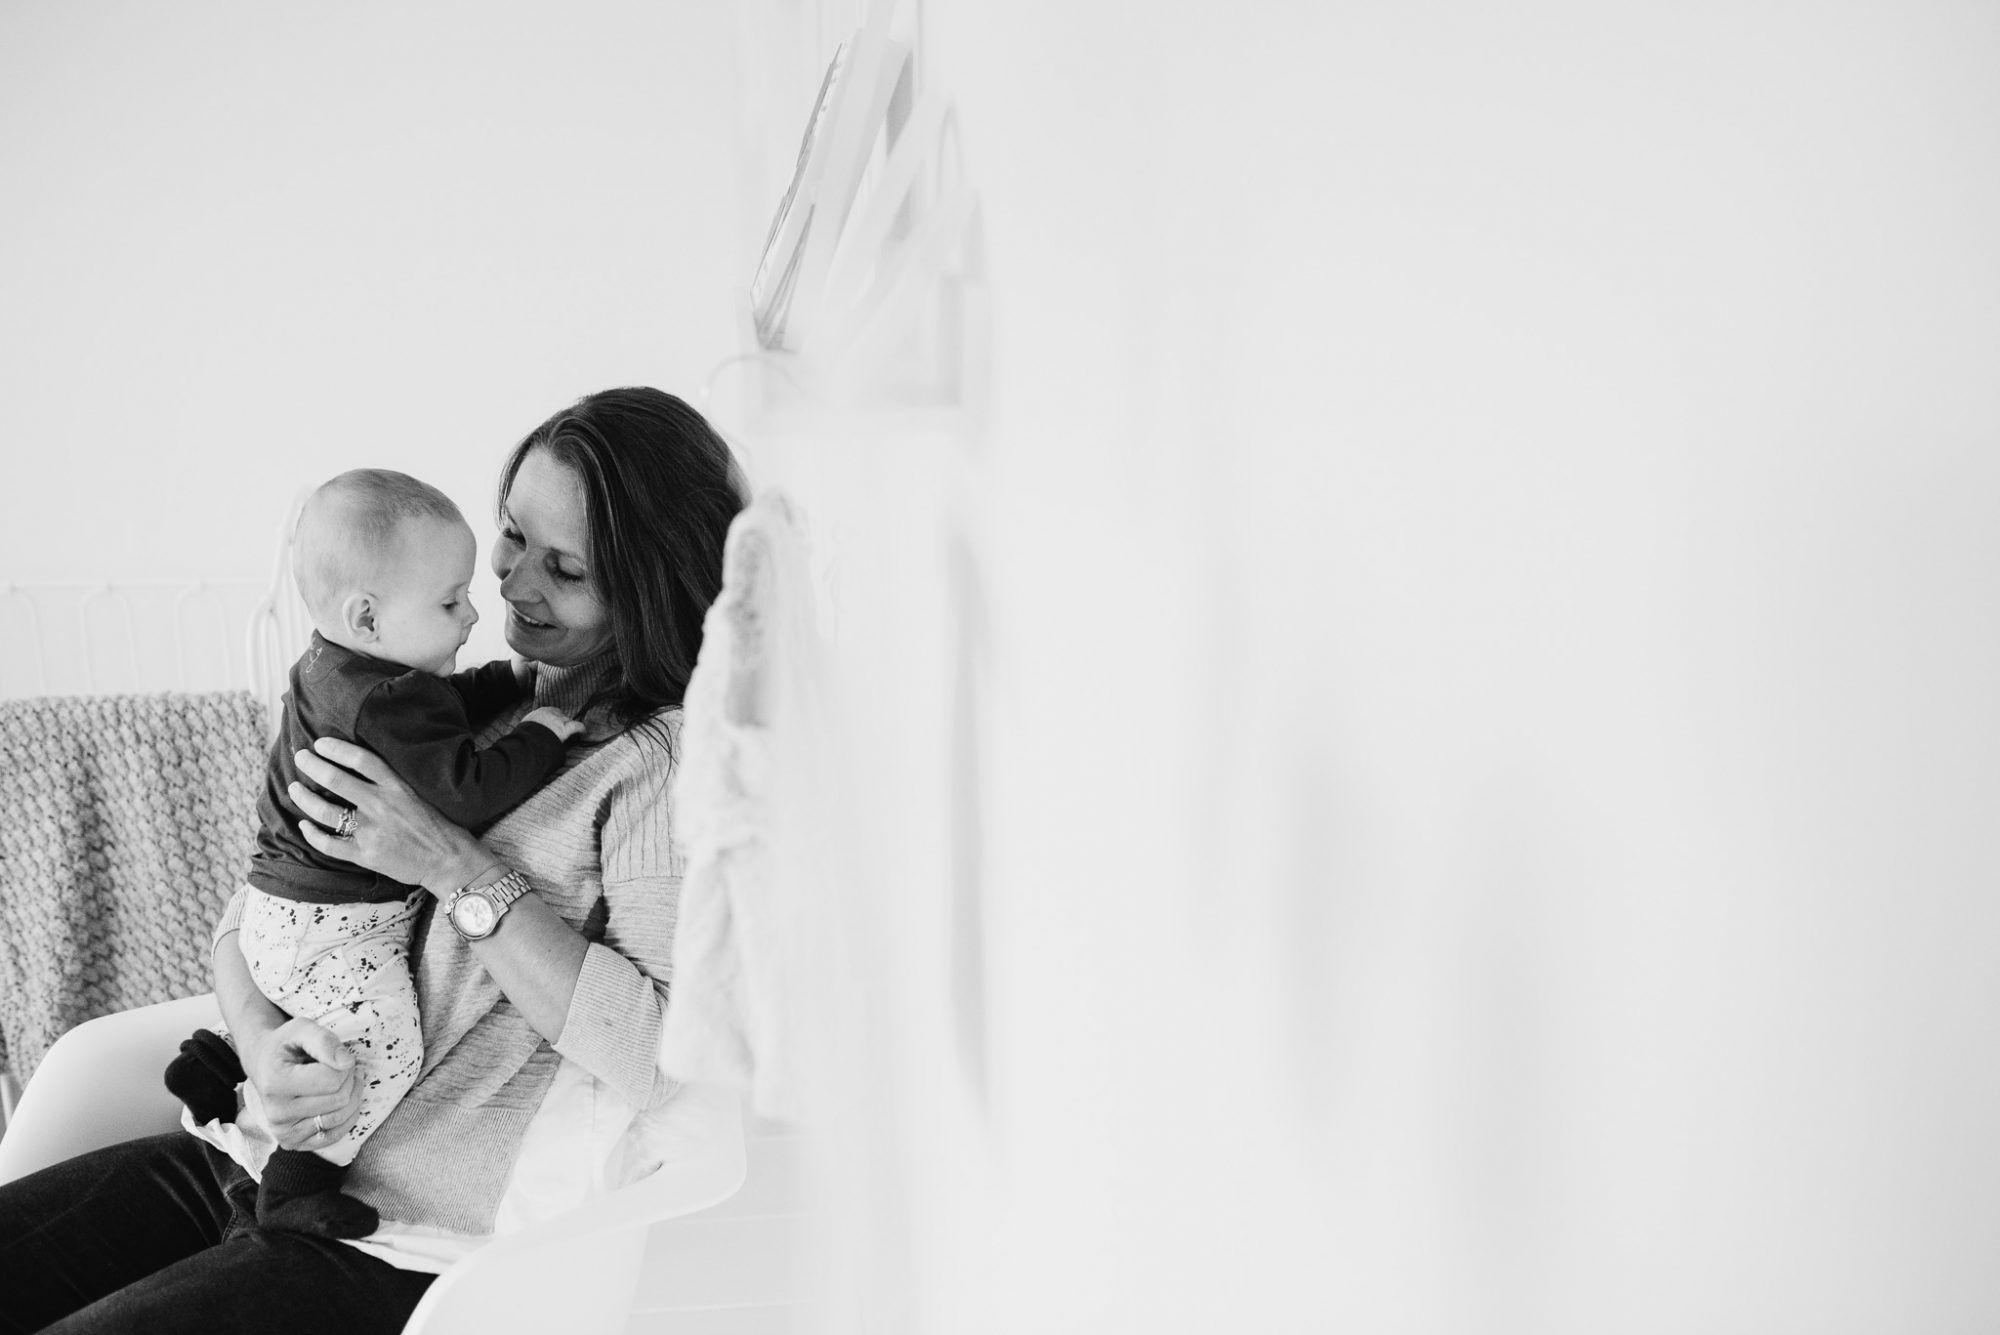 fotograaf gezin spontaan